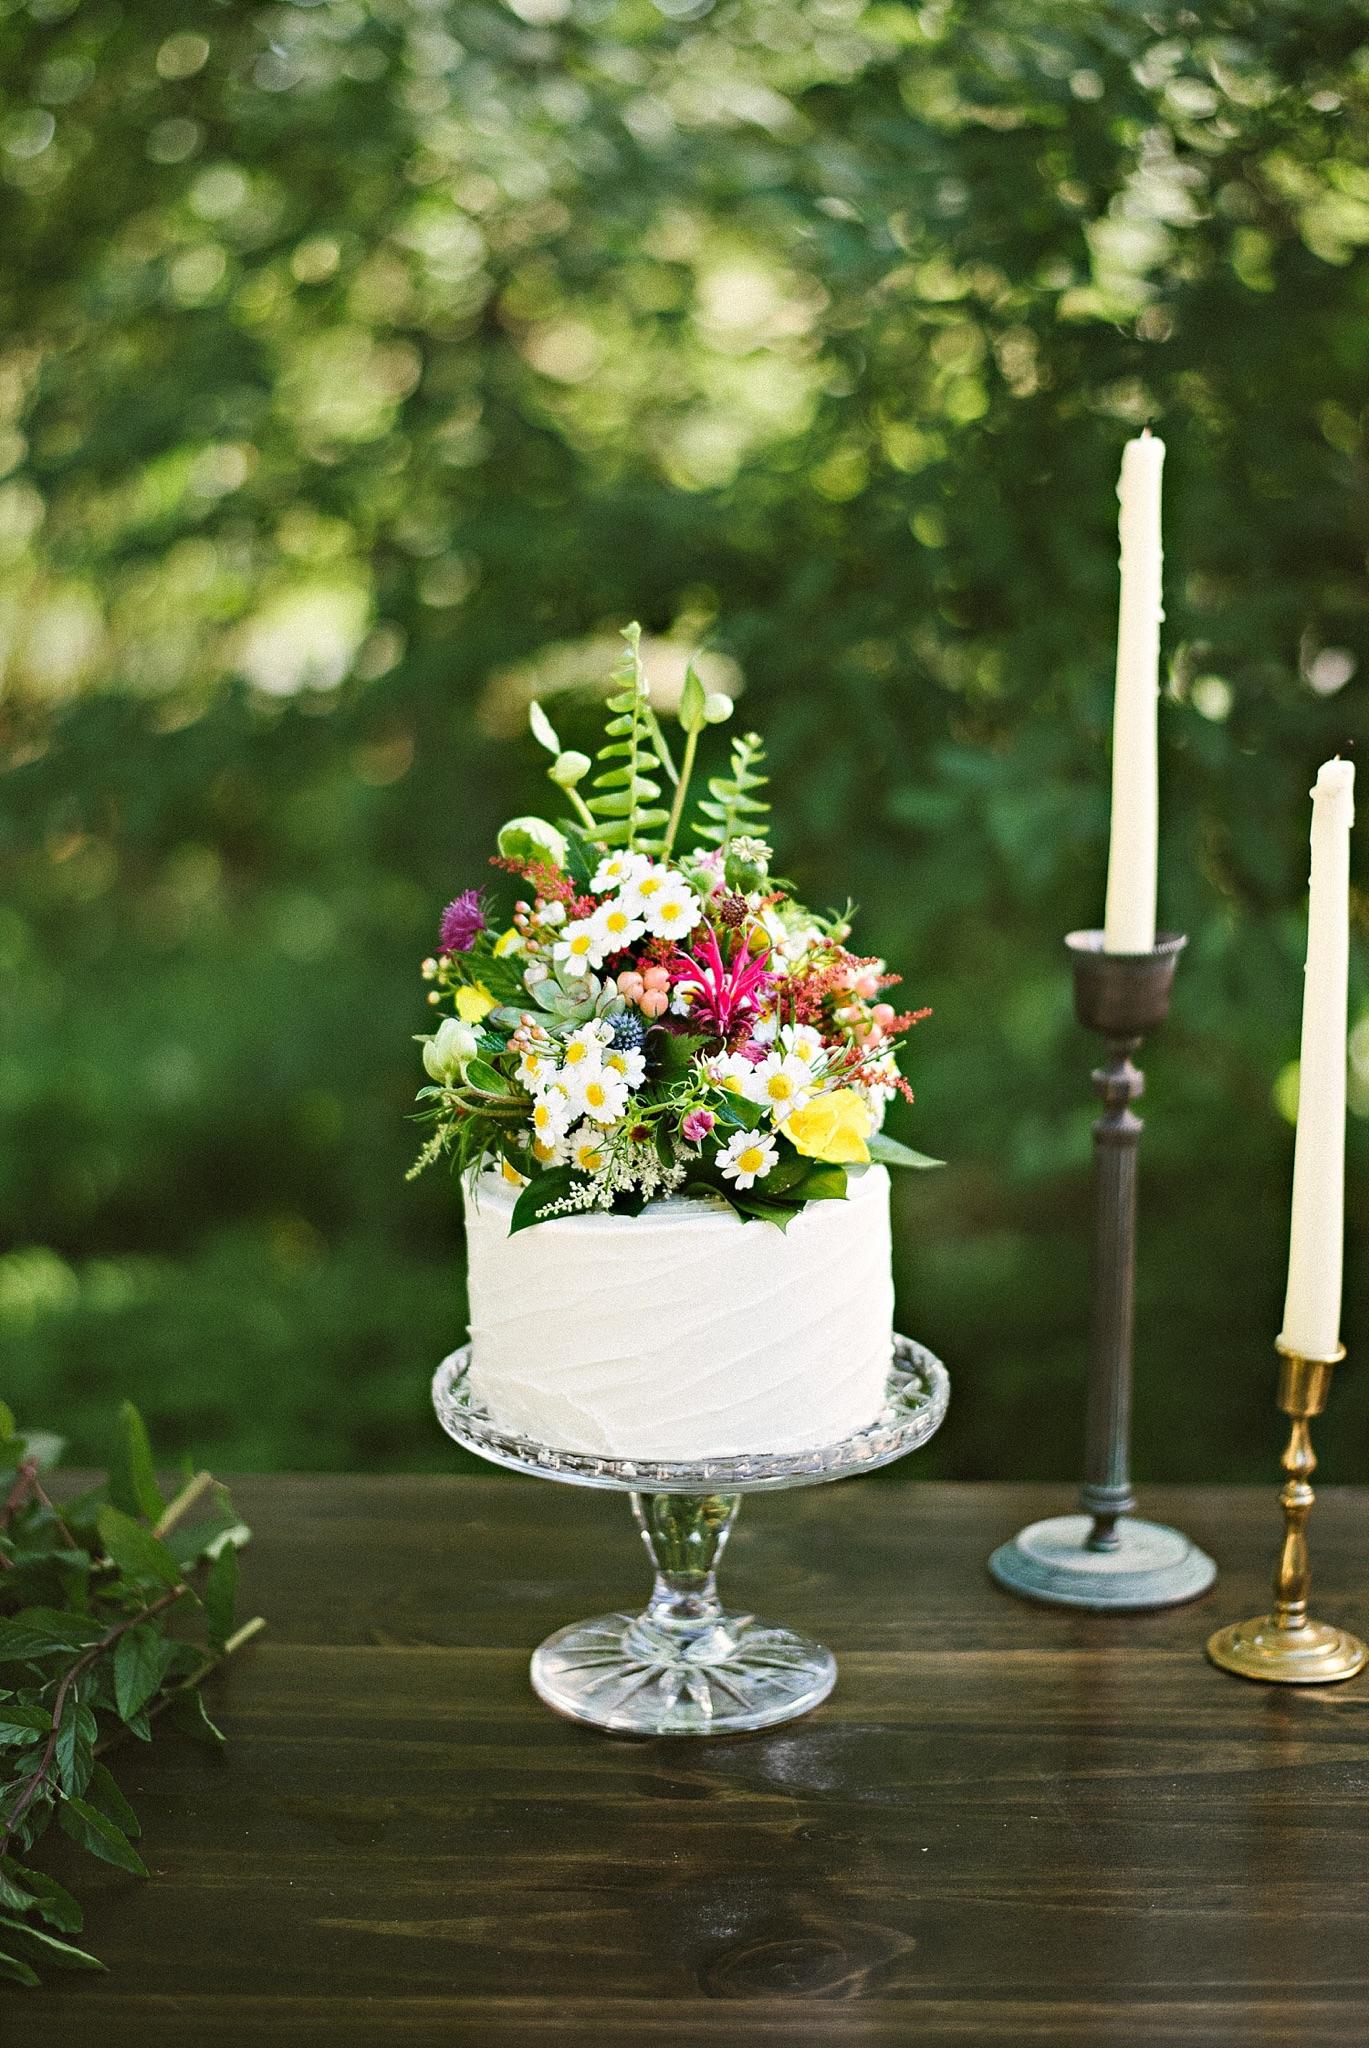 Top Tier Bakery Wedding Cake